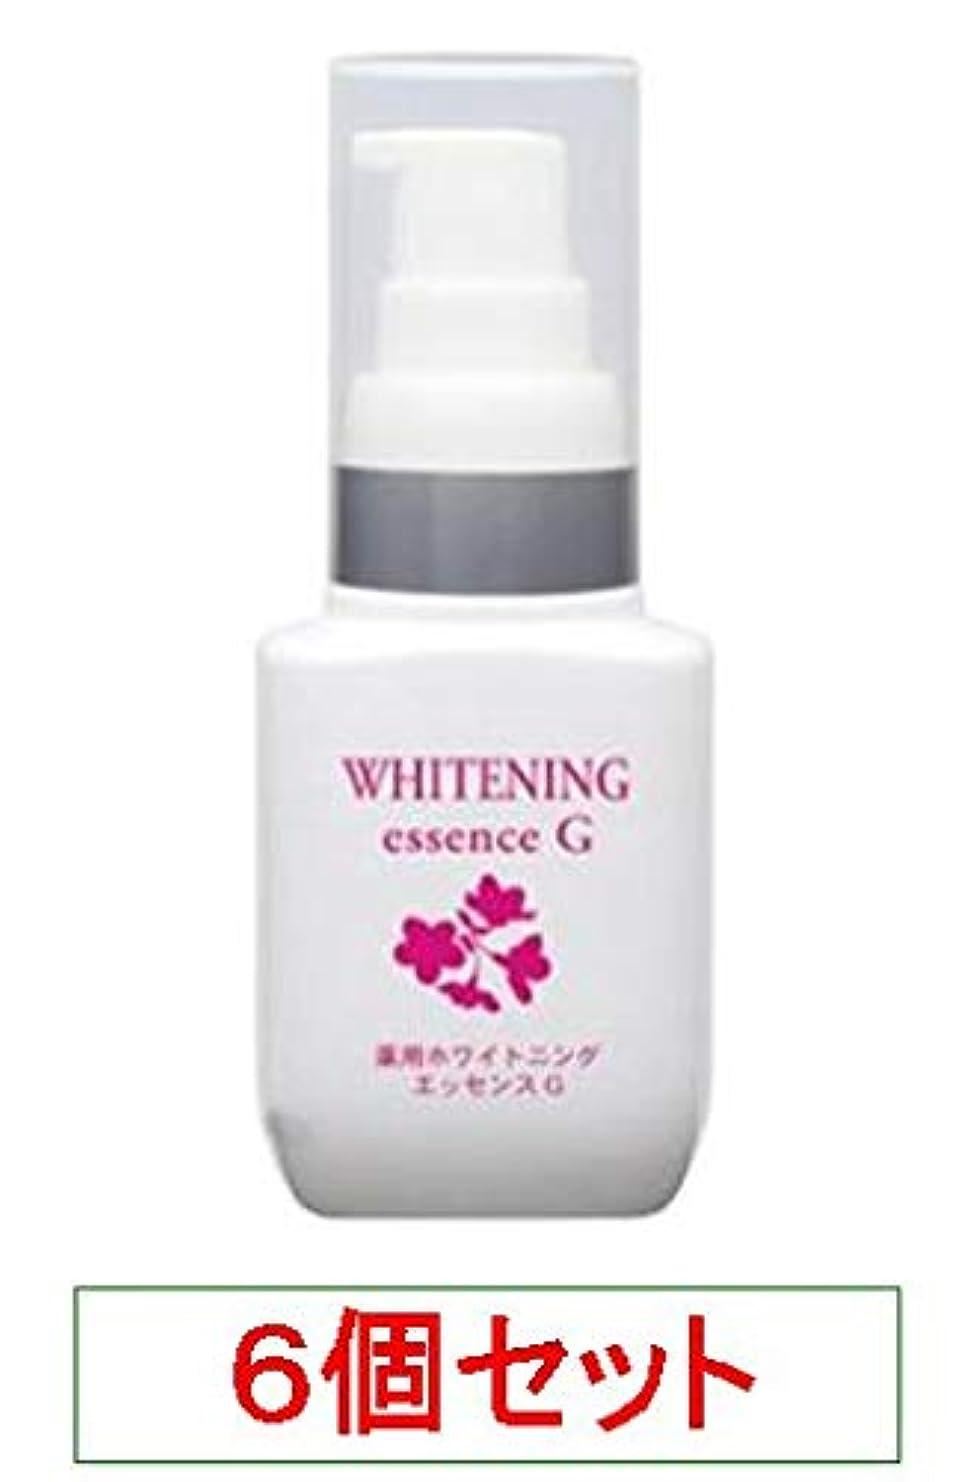 ナチュラル顕現余暇ハイム 薬用ホワイトニングエッセンスG 薬用美白美容液 30ml 医薬部外品 X6個セット